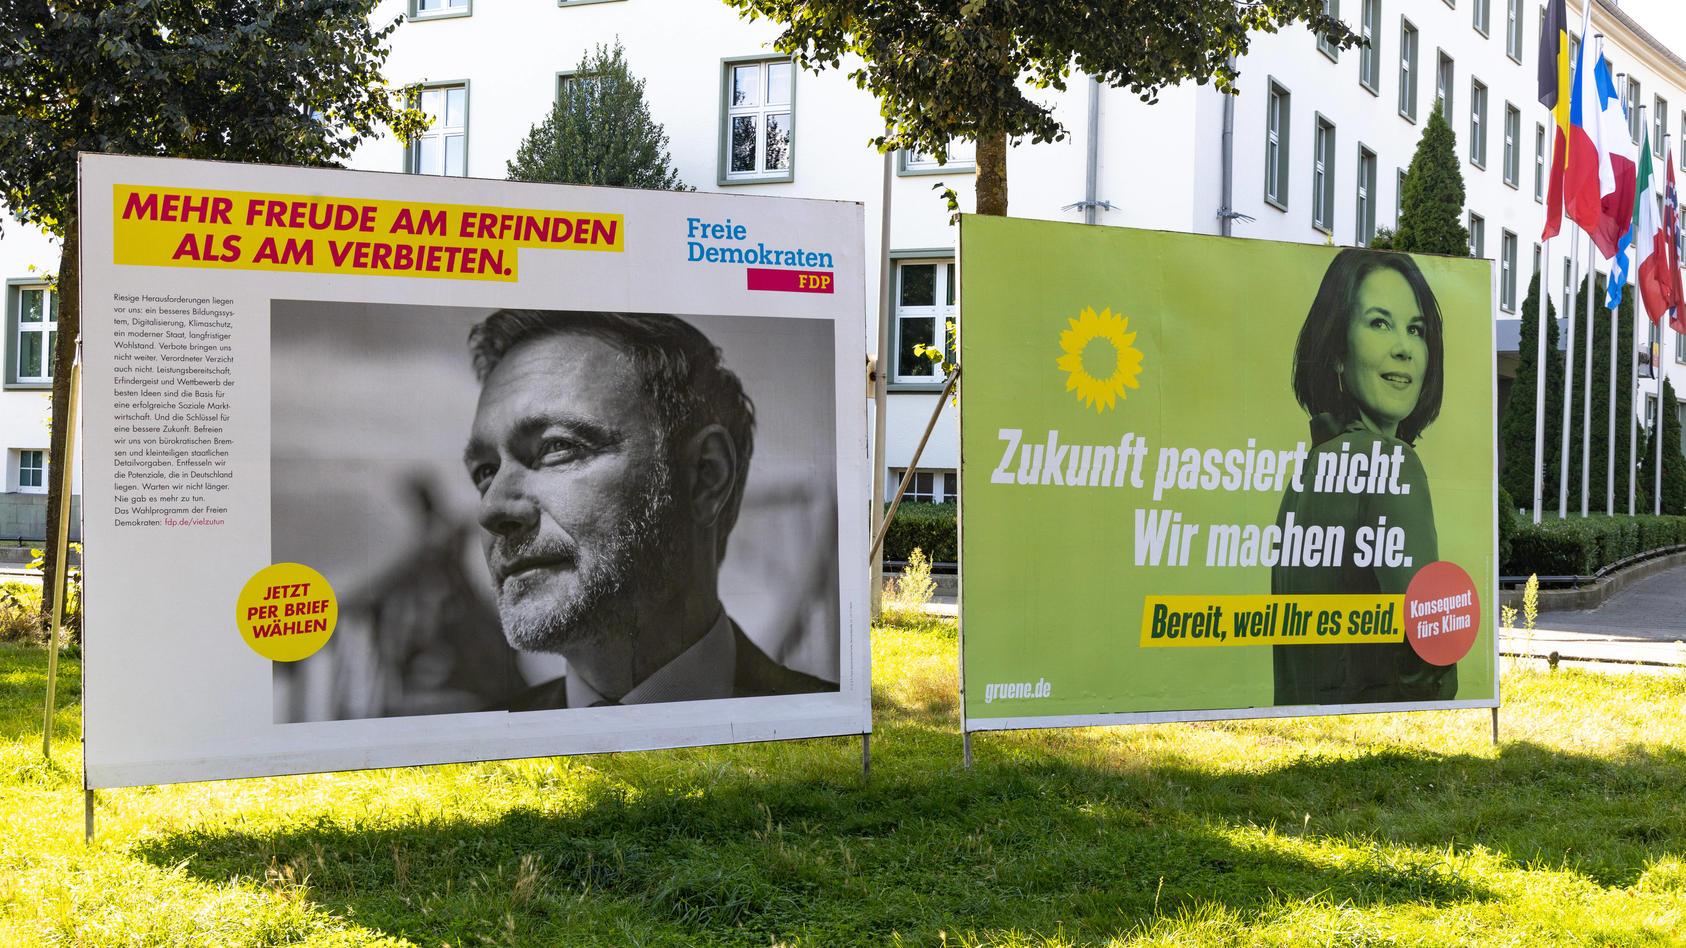 Im Wahlkampf stellten sich Lindner und Baerbock mit grundverschiedenen Kampagnen auf